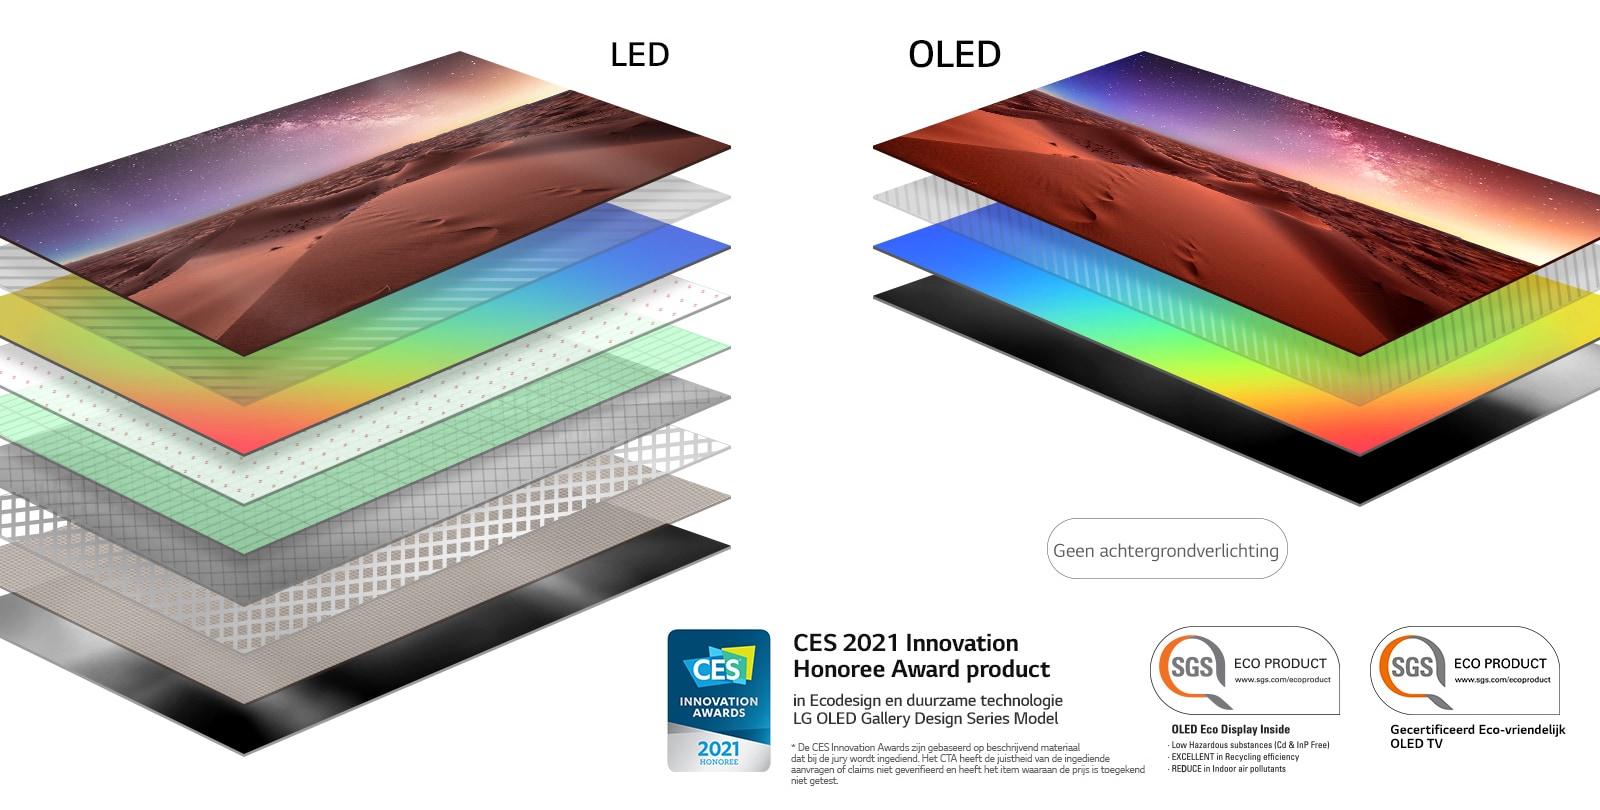 Vergelijking van de samenstelling van de displaylaag van led-tv met achtergrondverlichting en zelfverlichte OLED-tv (speel de video af)